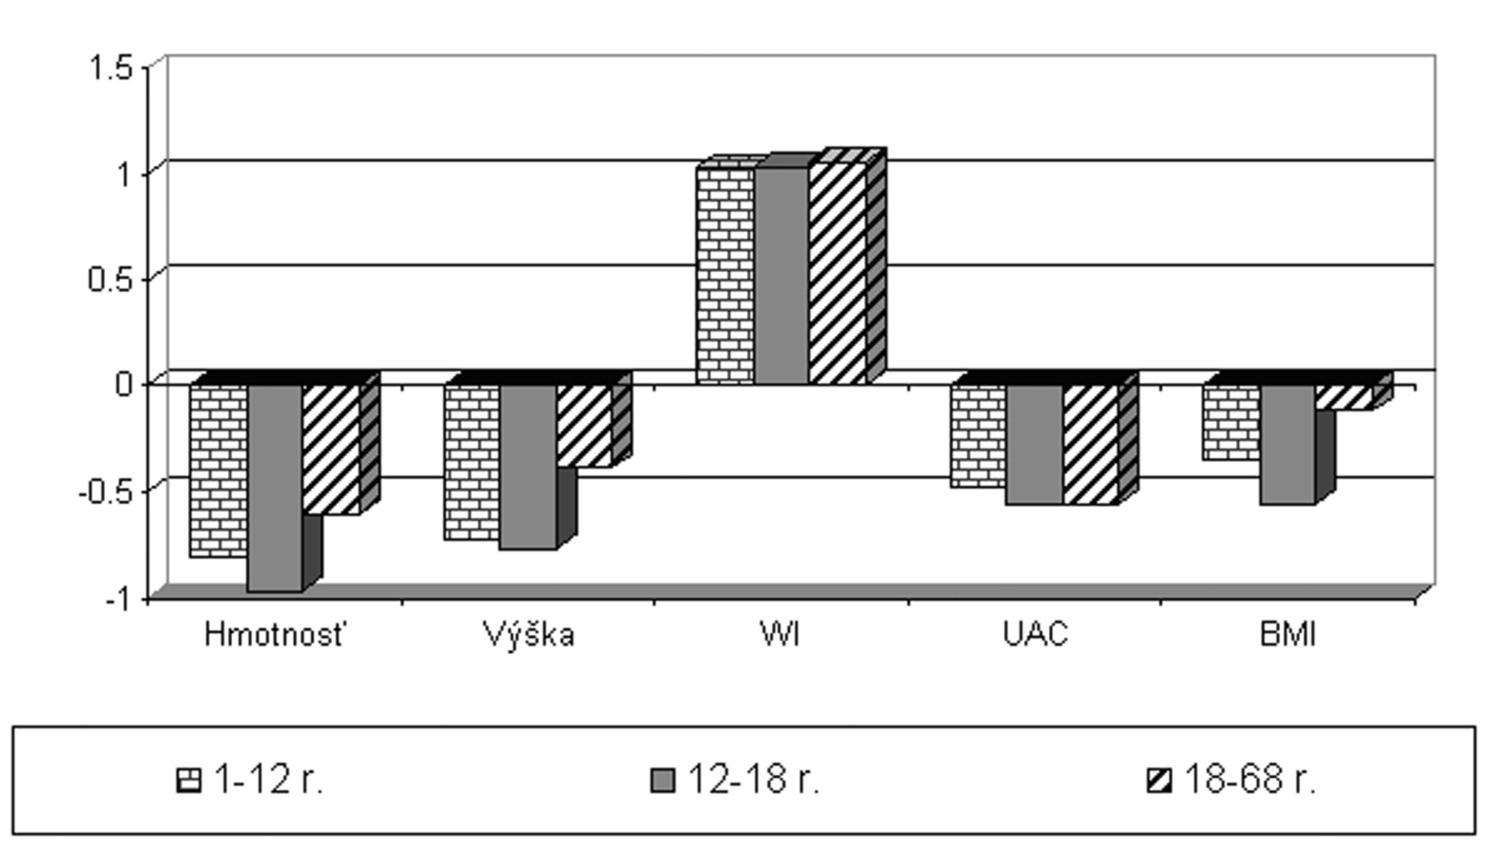 Antropometrické parametre u pacientov s CF. Podľa výsledkov antropometrických vyšetrení sú parametre výživy aj rastu našich pacientov v pásme nižšieho priemeru (Z-skóre do –1 štandardnej odchýľky). Stav výživy (BMI) a telesná hmotnosť sú najhoršie v pubertálnom období. Charakteristickým prejavom CF je výskyt paličkovitých prstov (Waringov index vyšší ako 1). Skratky:UAC – upper arm circumference (obvod hornej časti ramena),WI –Waringov index, BMI – body mass index